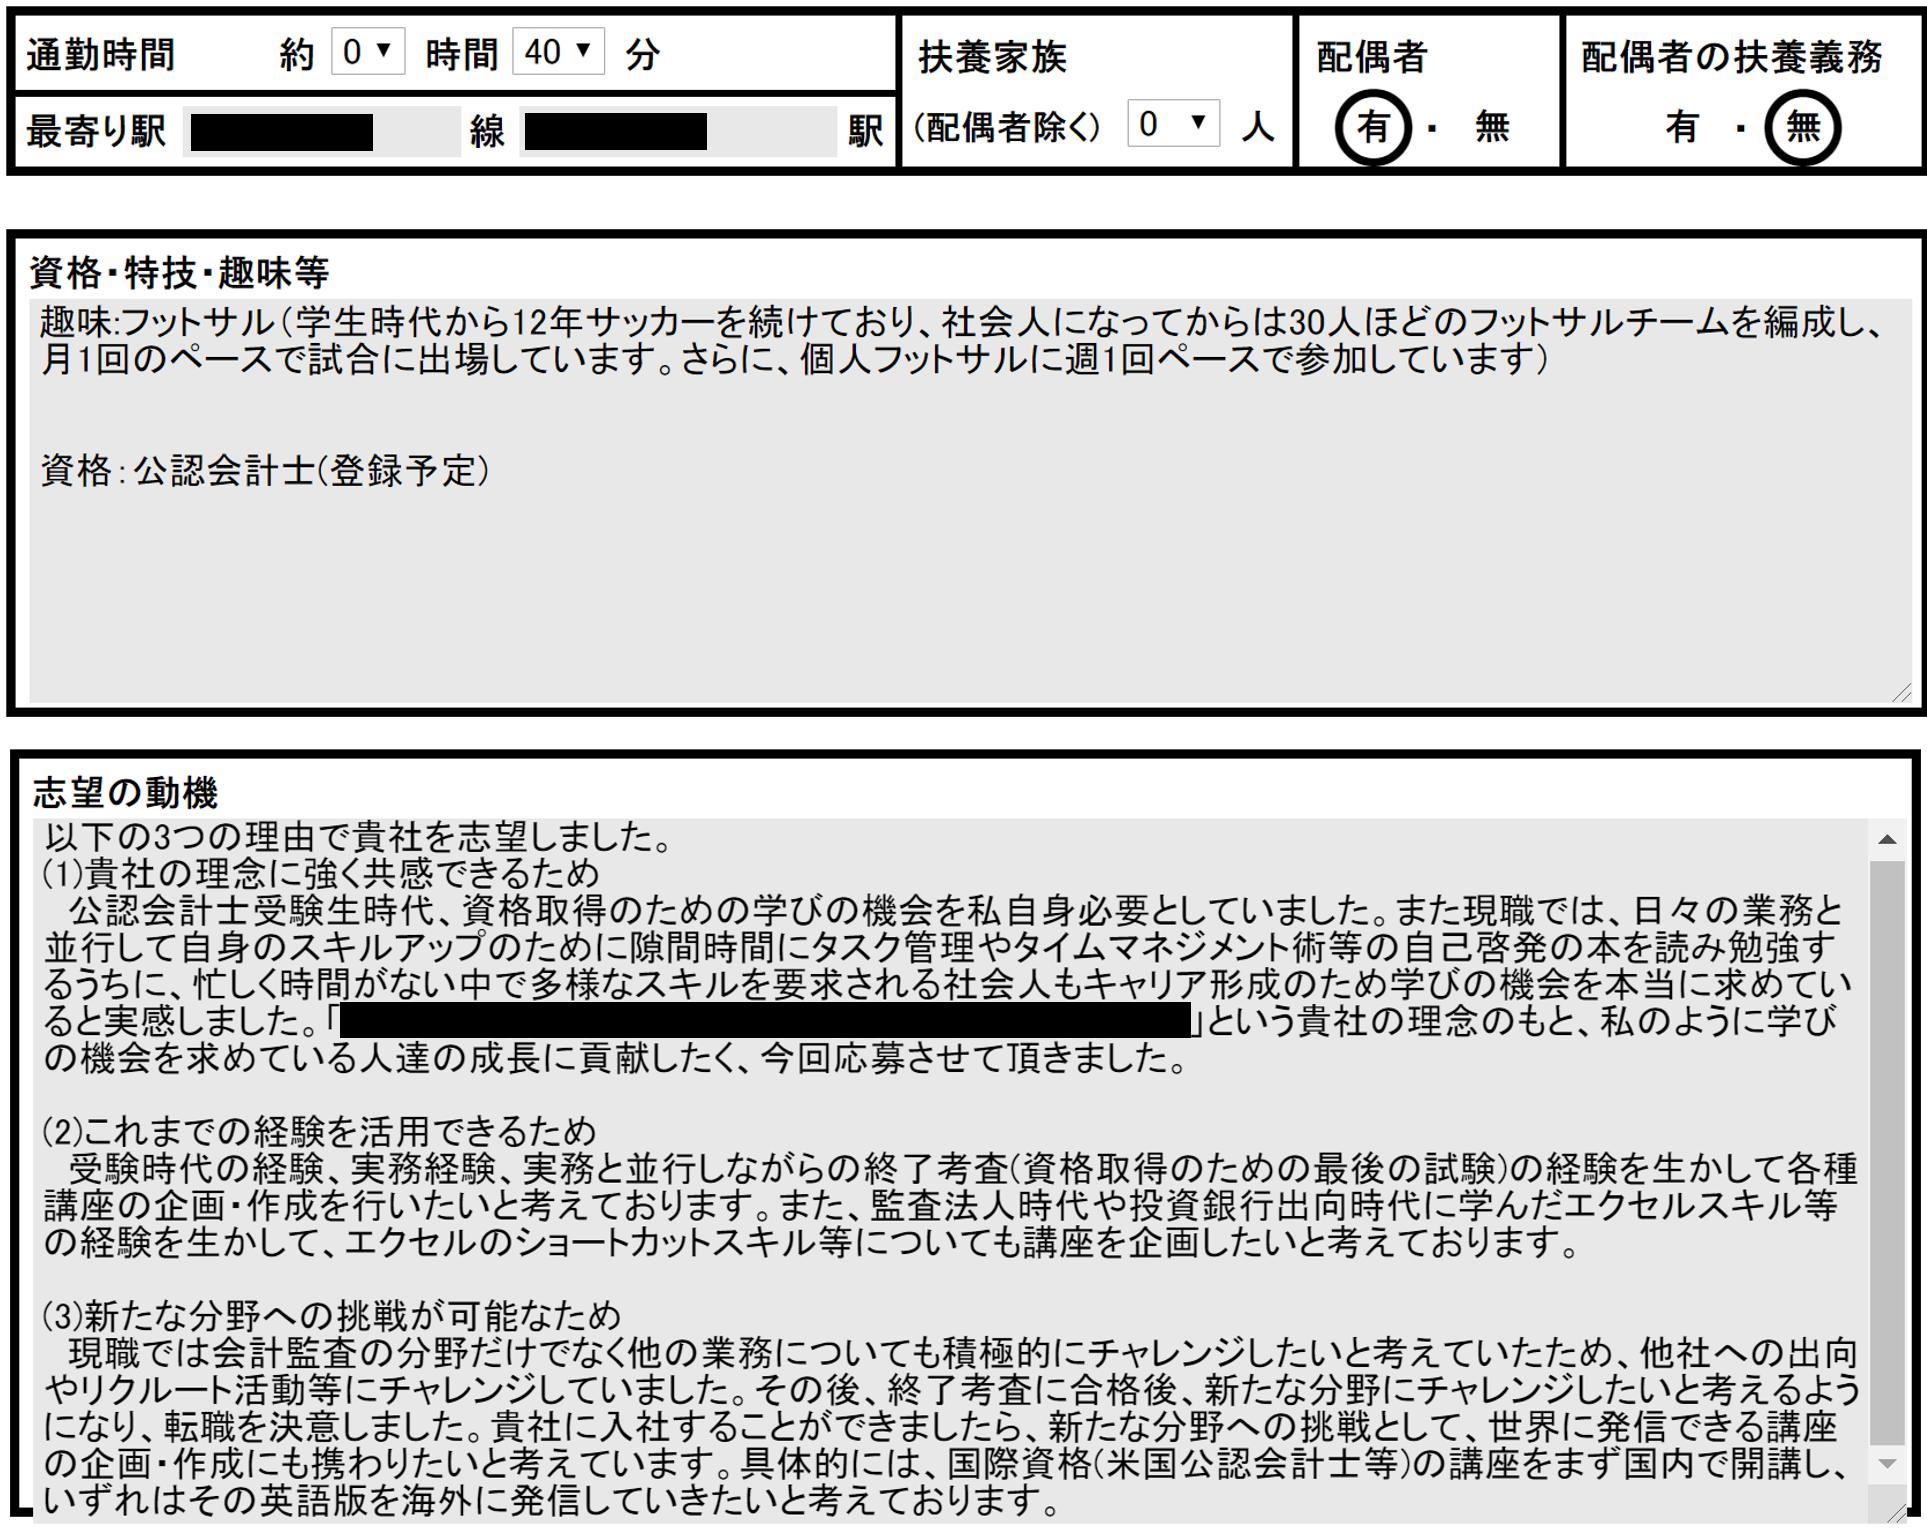 転職履歴書②